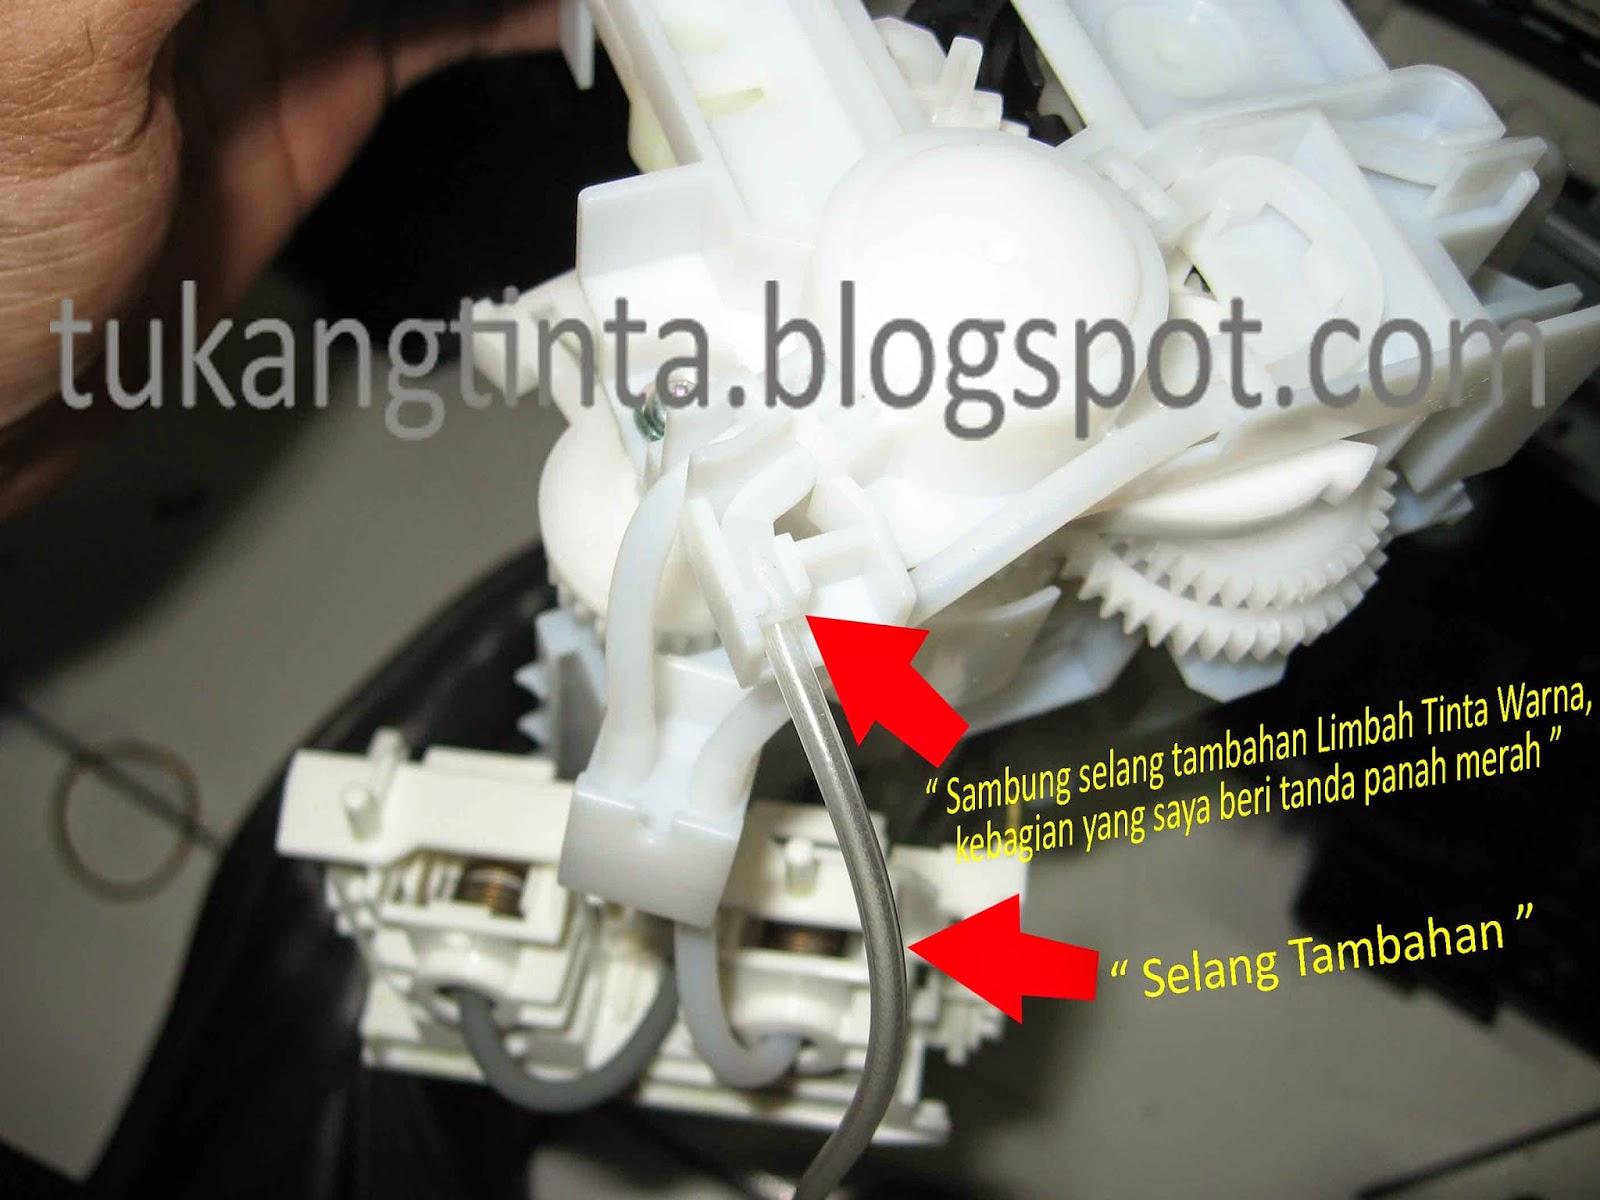 www.tukangtinta.blogspot.com